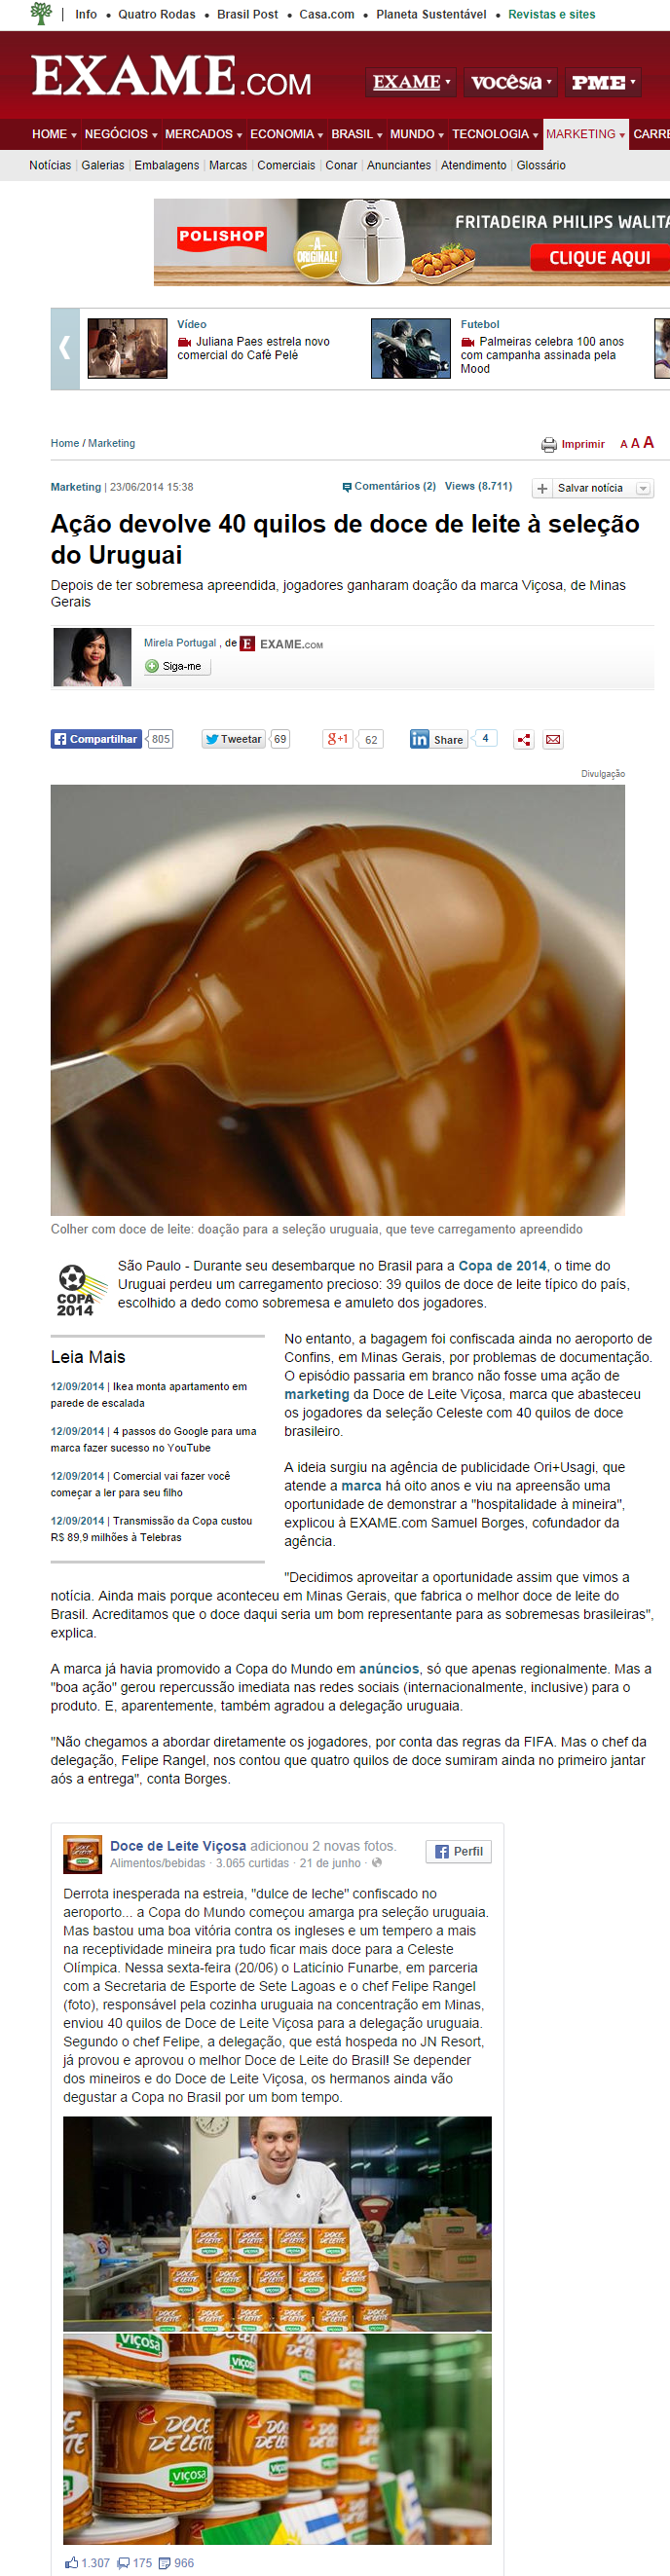 screenshot-exame.abril_.com_.br-2014-09-12-20-14-46-e1492727878319